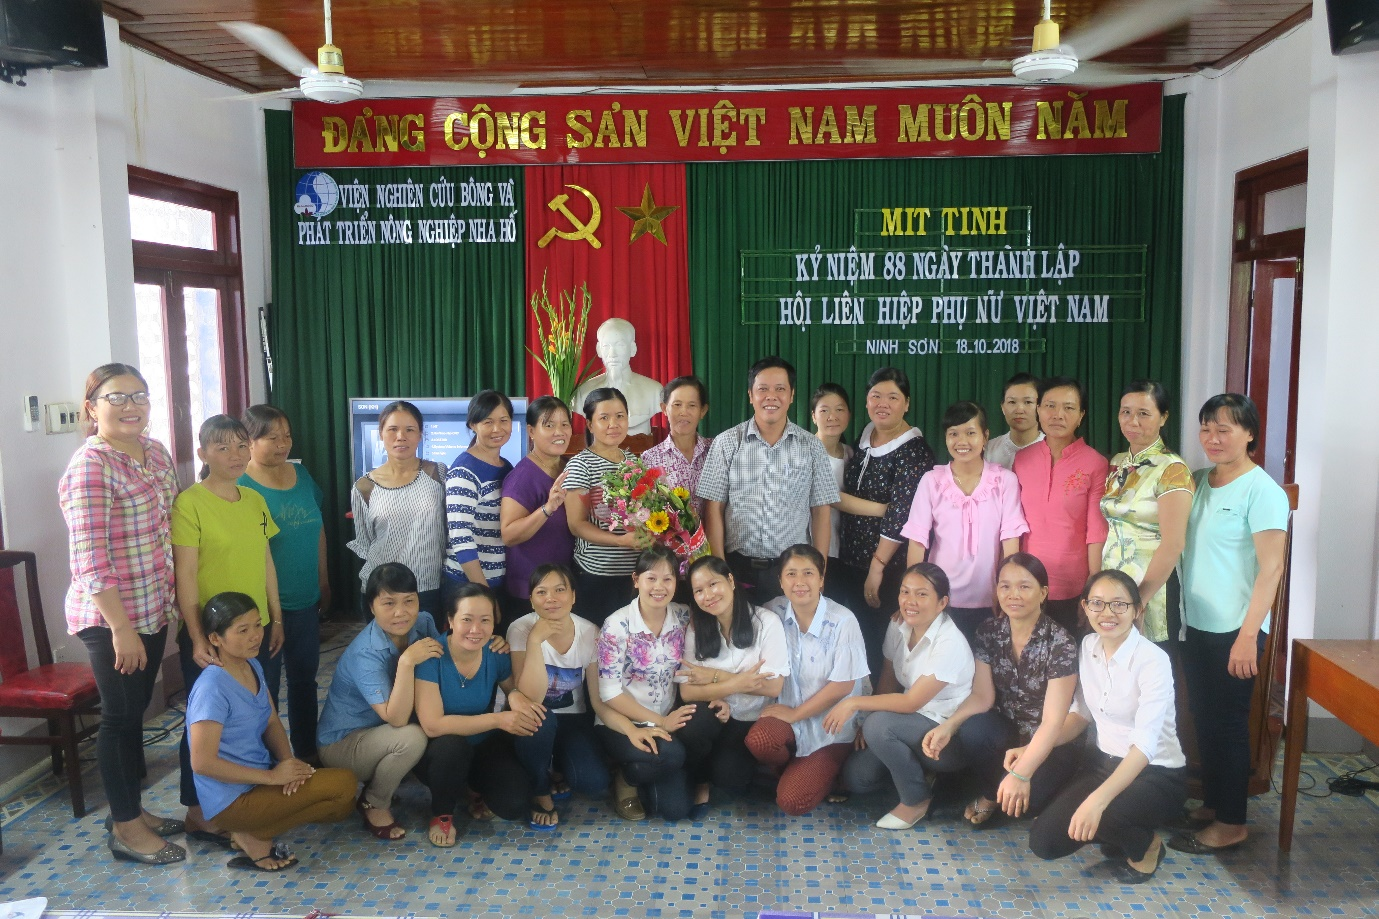 Lễ mitting kỷ niệm 88 năm ngày thành lập Hội LHPN Việt Nam